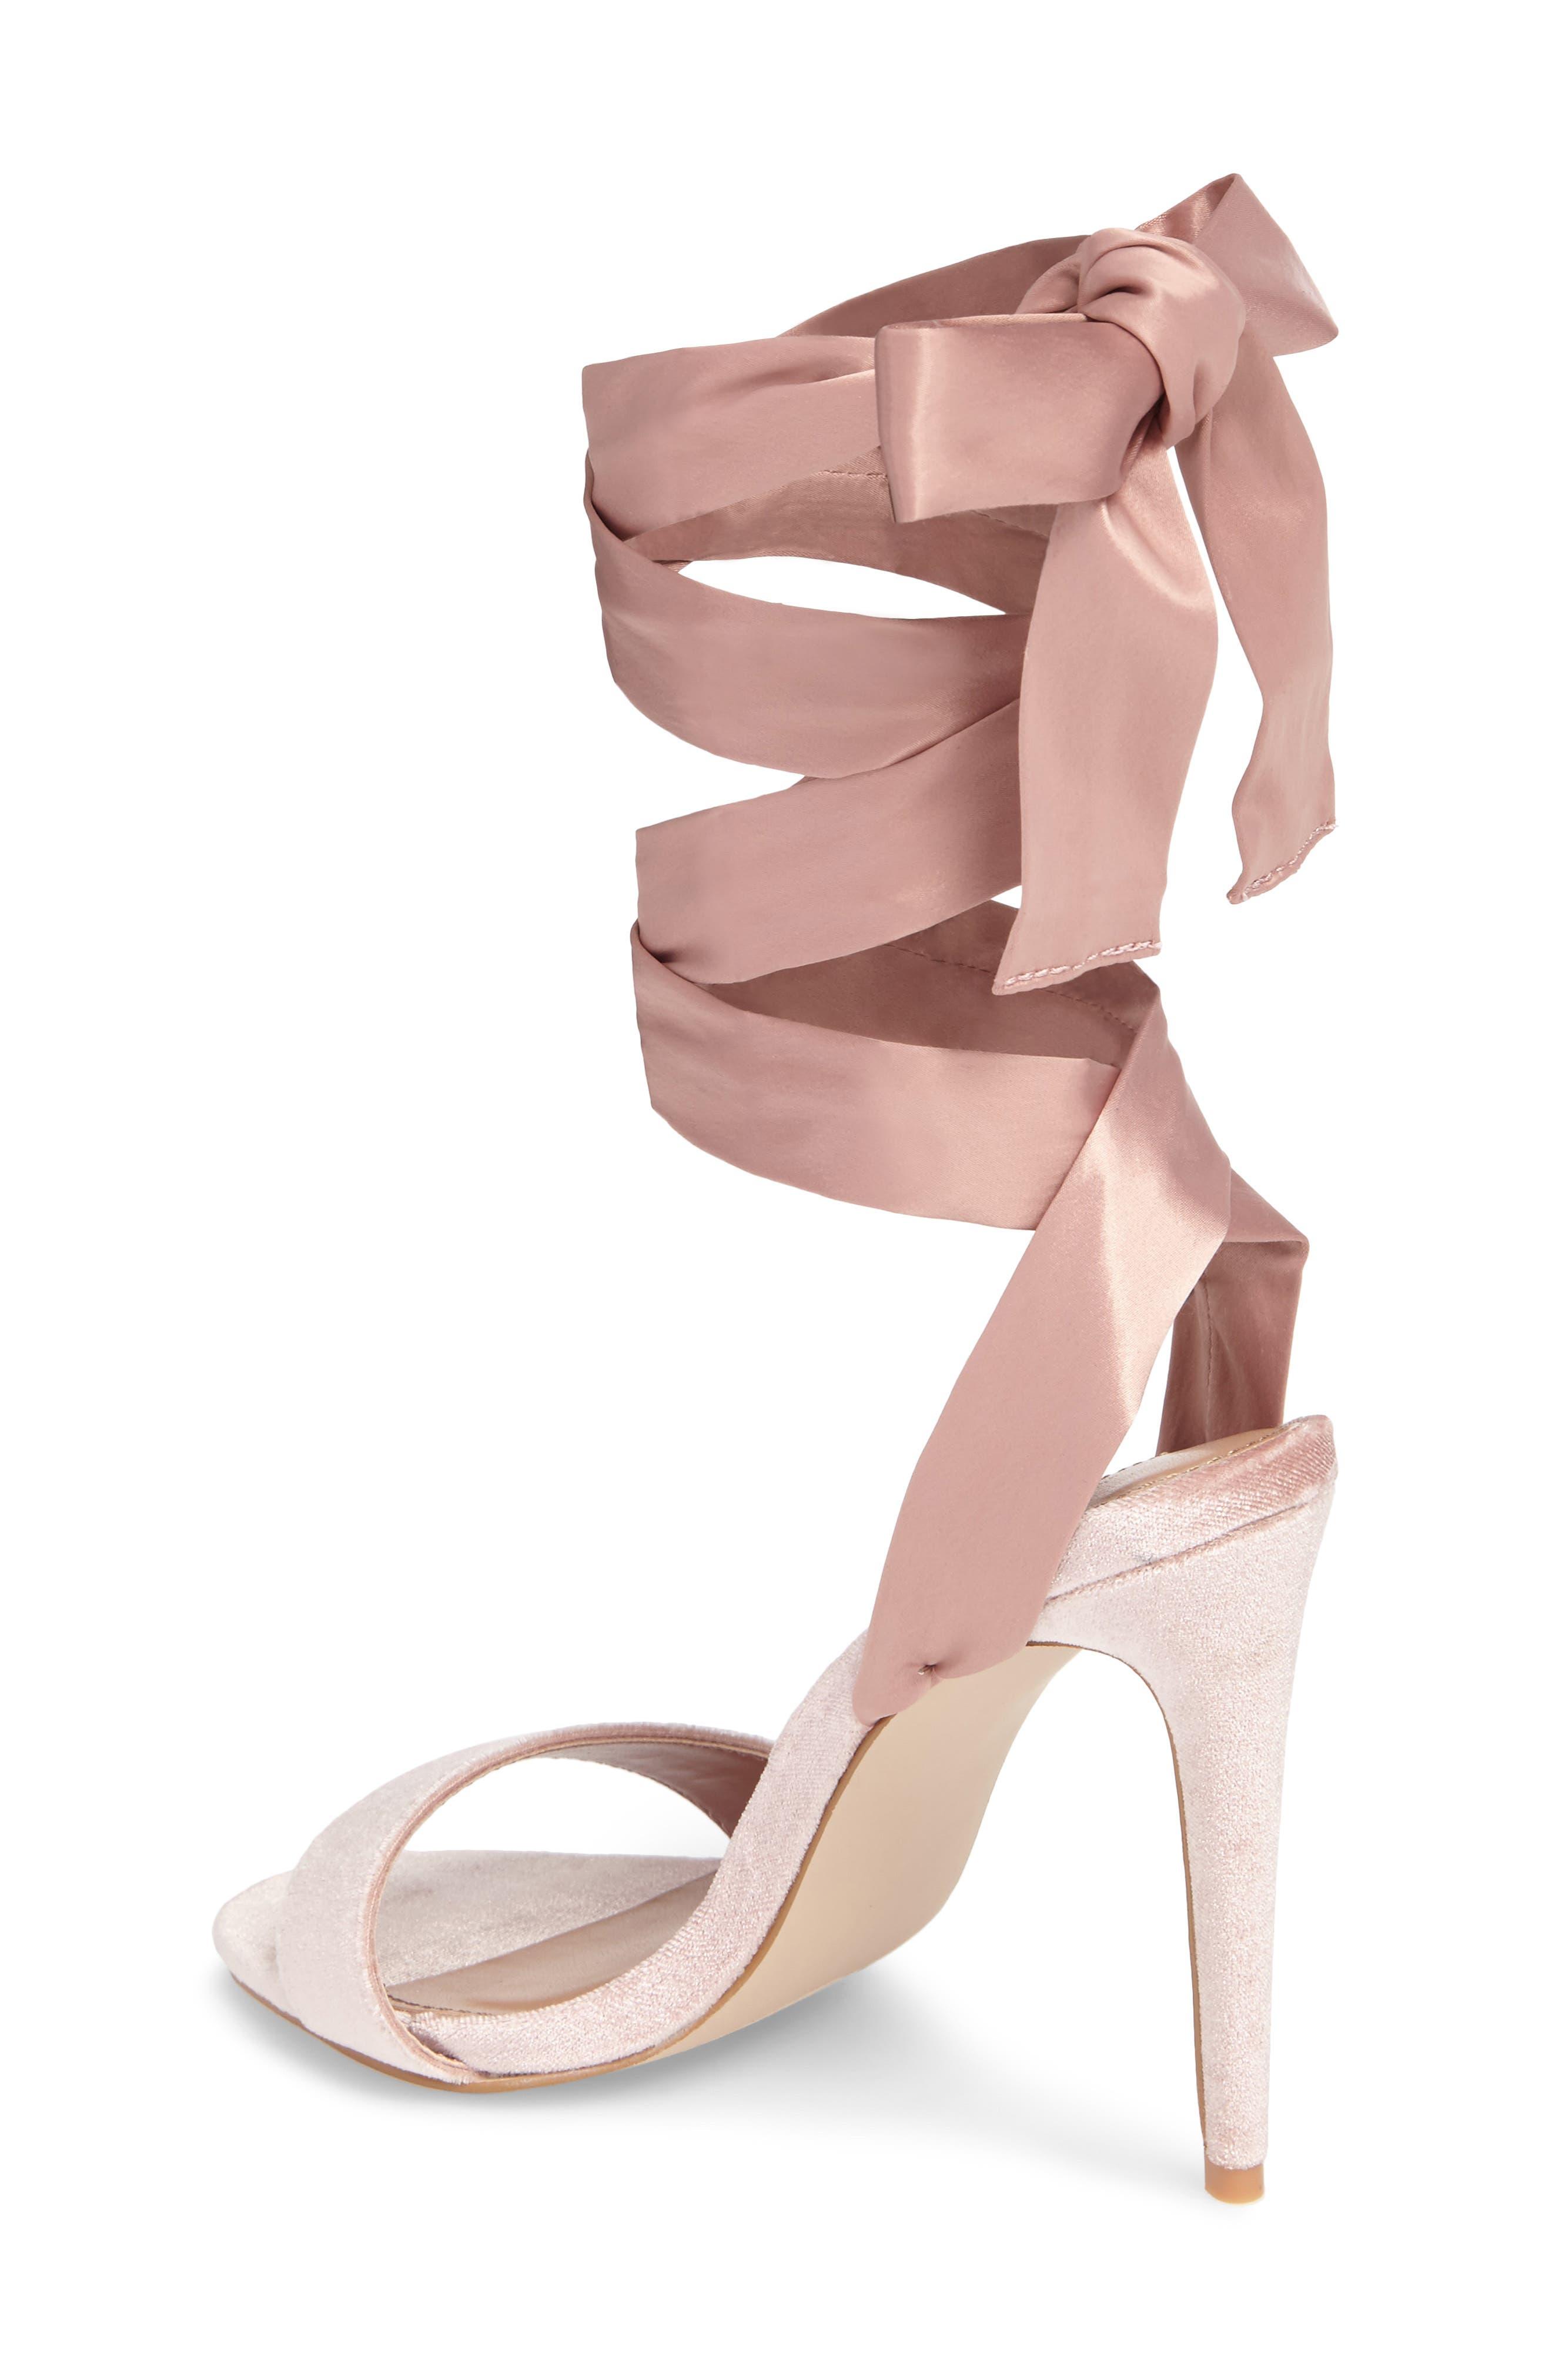 Promise Sandal,                             Alternate thumbnail 2, color,                             Blush Fabric